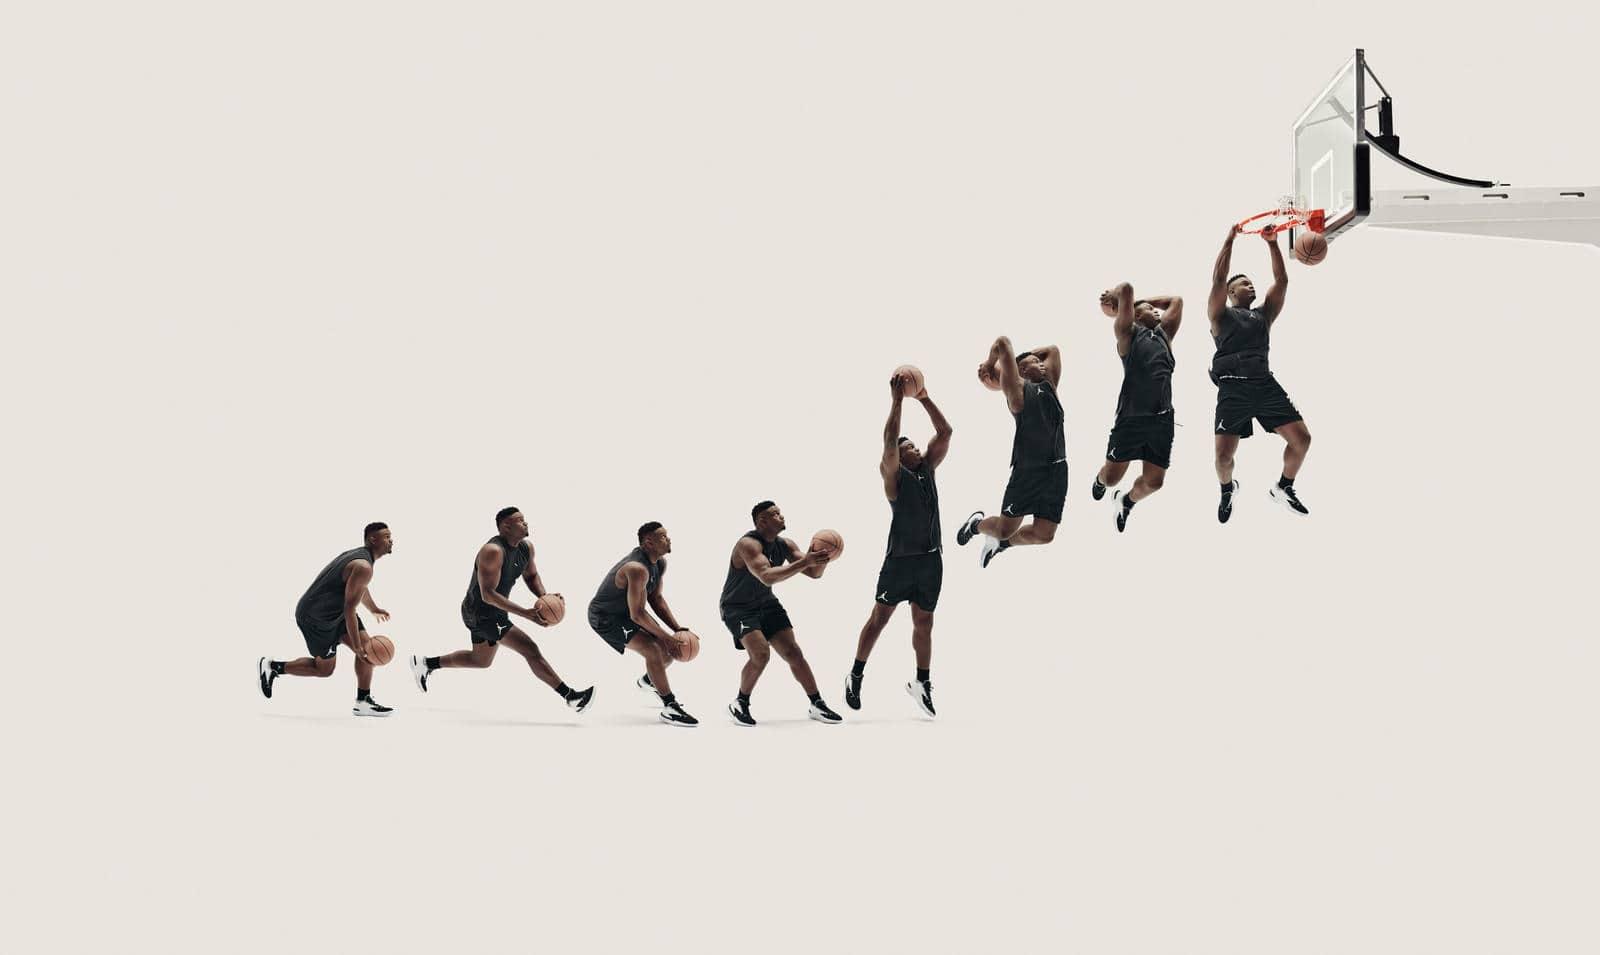 Nike Zion 1 Shoe